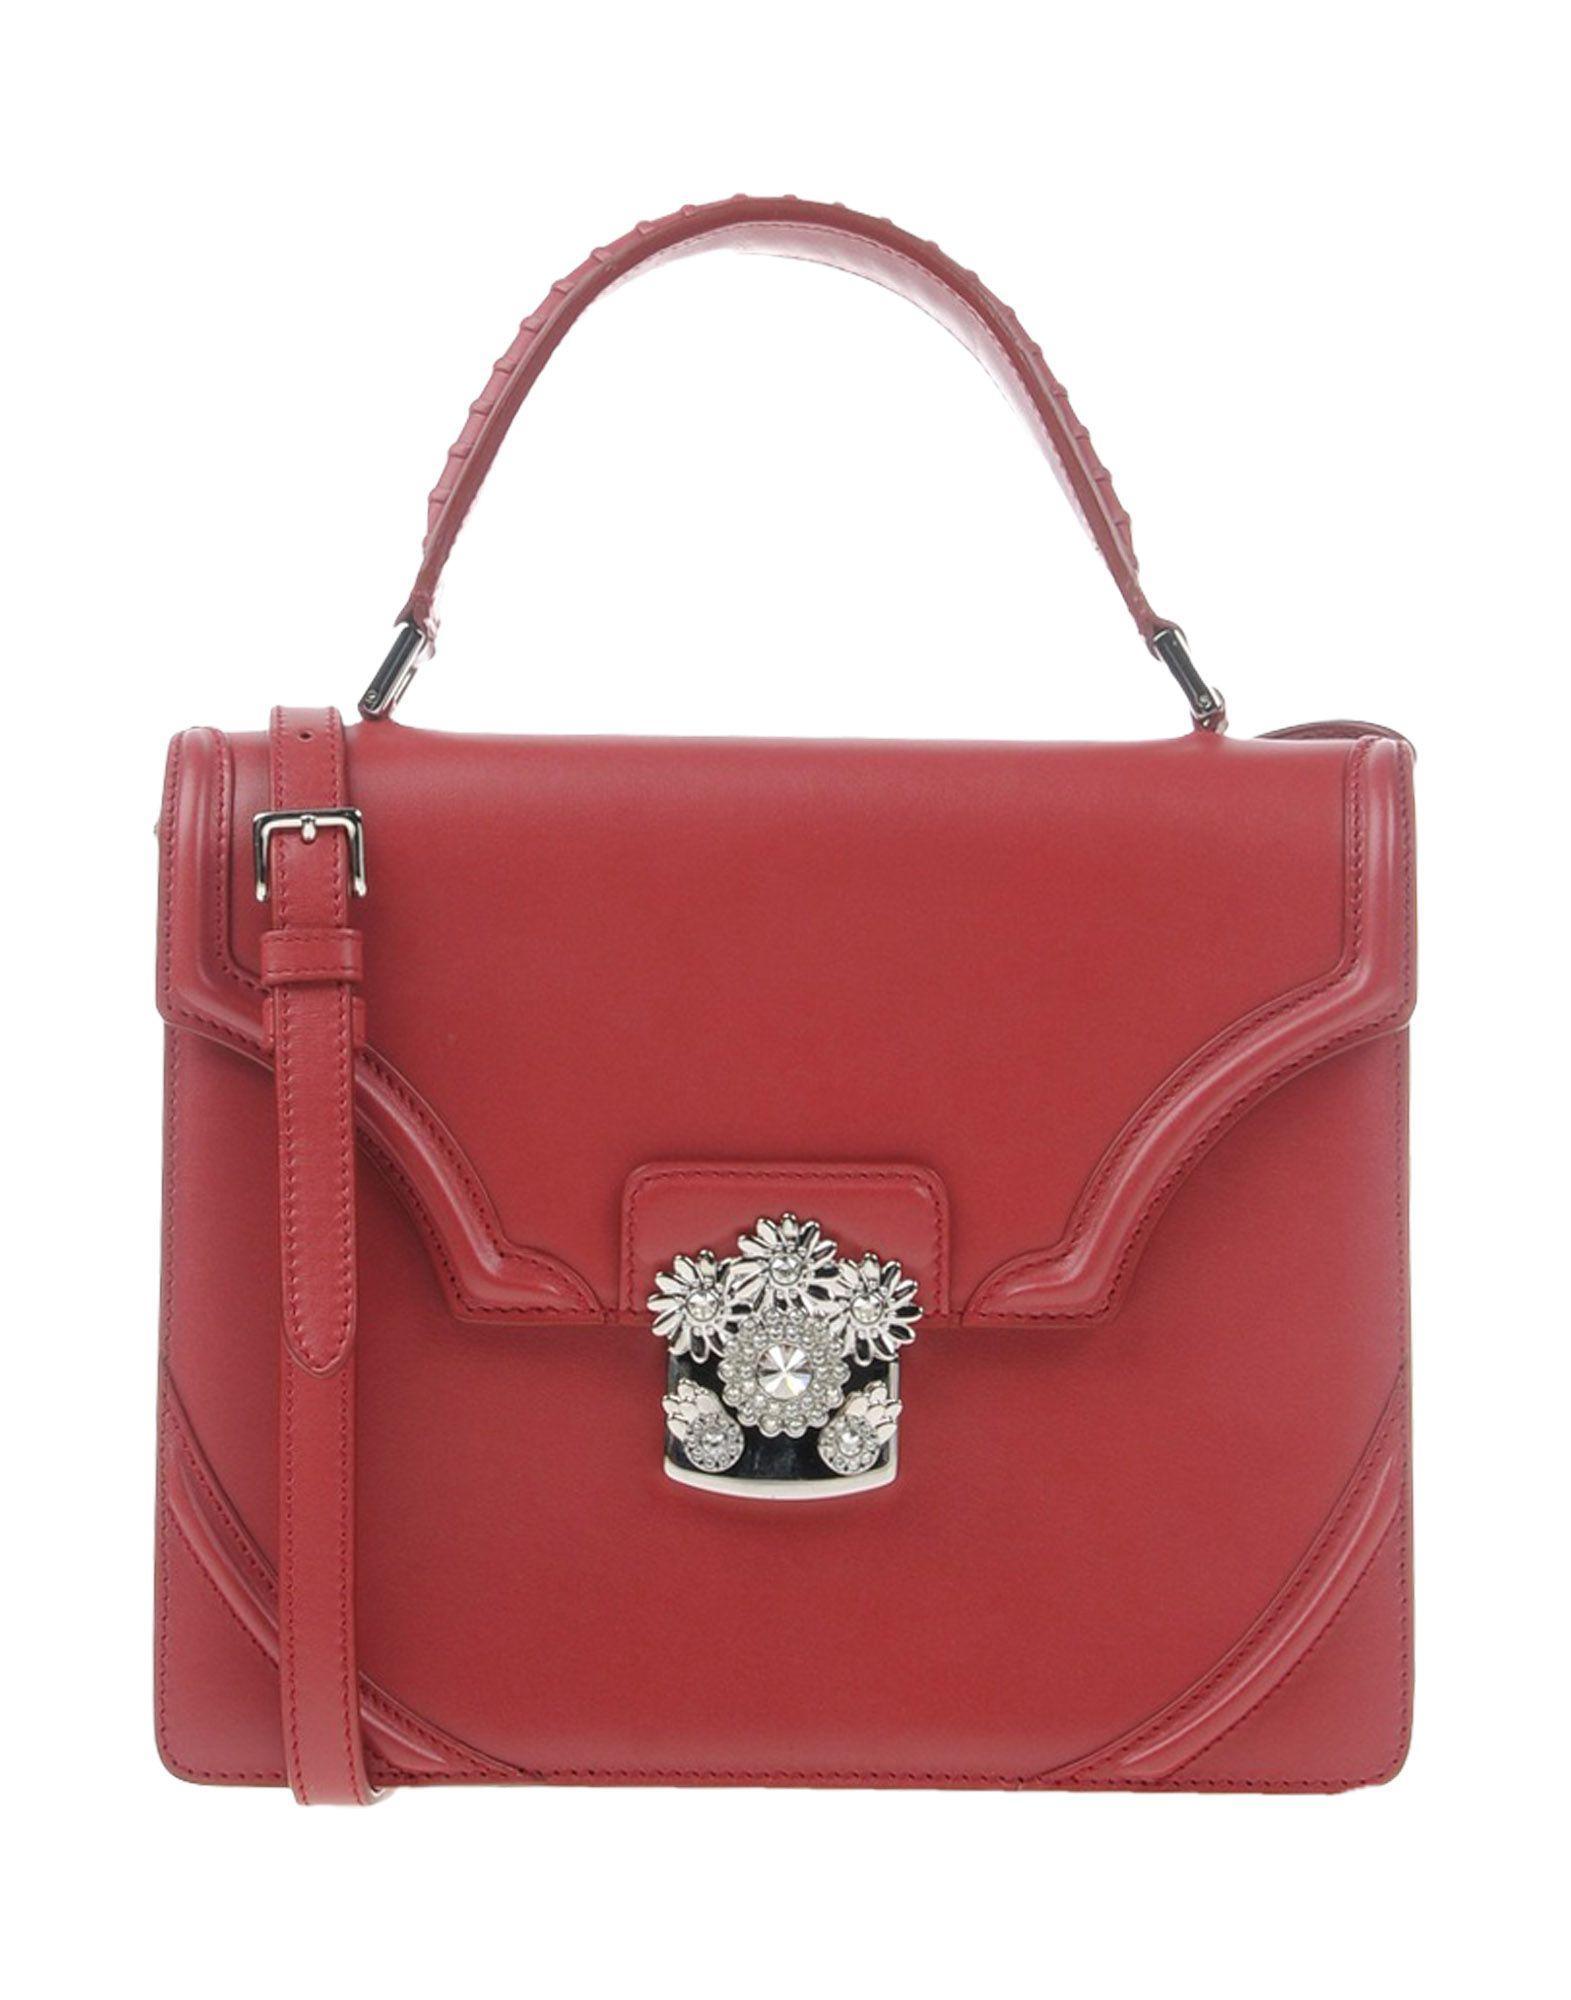 Alexander McQueen Handbag in Red - Lyst